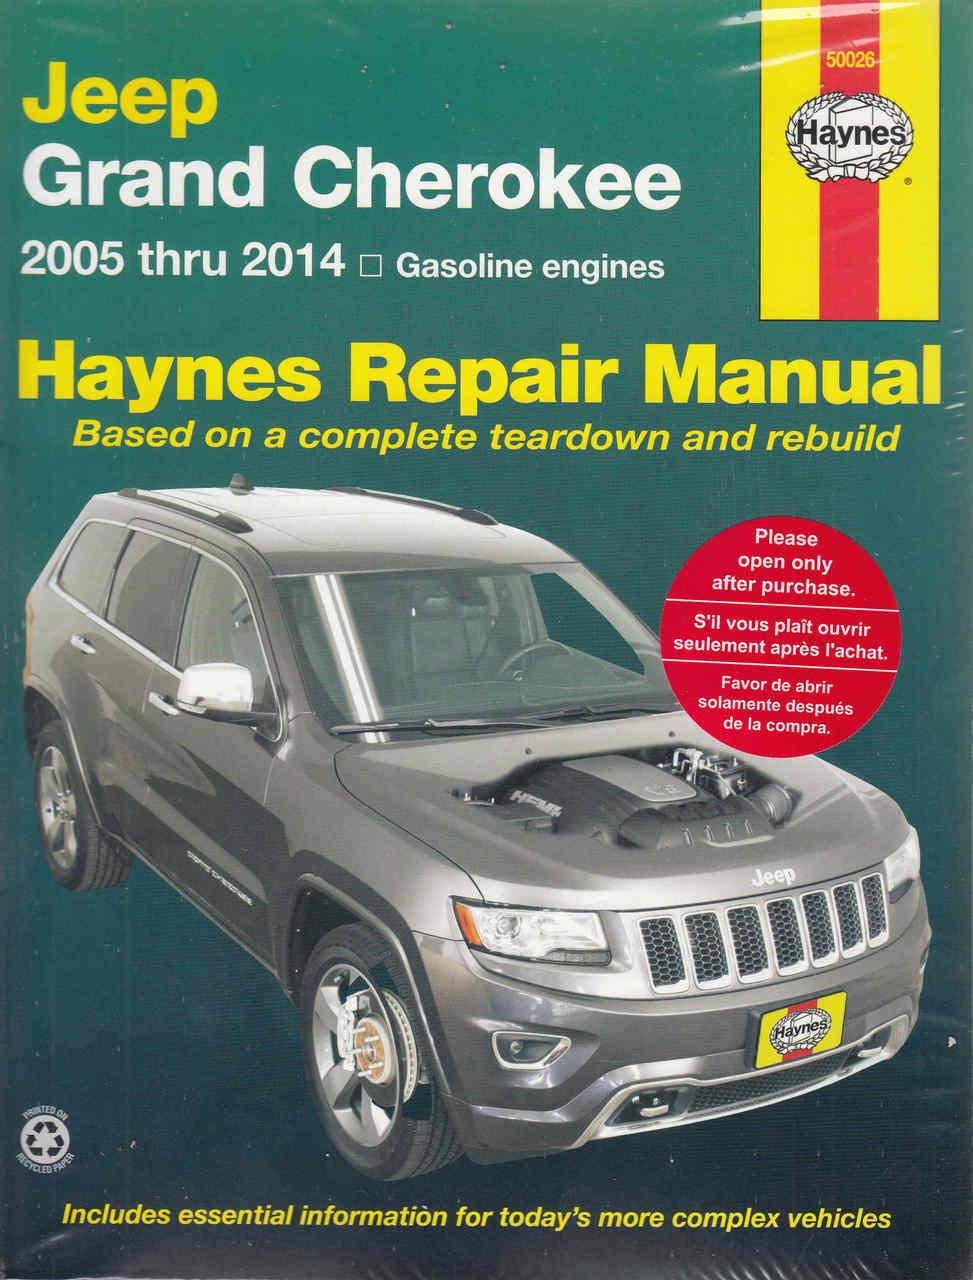 buy jeep grand cherokee 2005 2009 workshop manual rh automotobookshop com au jeep grand cherokee shop manual jeep grand cherokee service manual 2005 wk